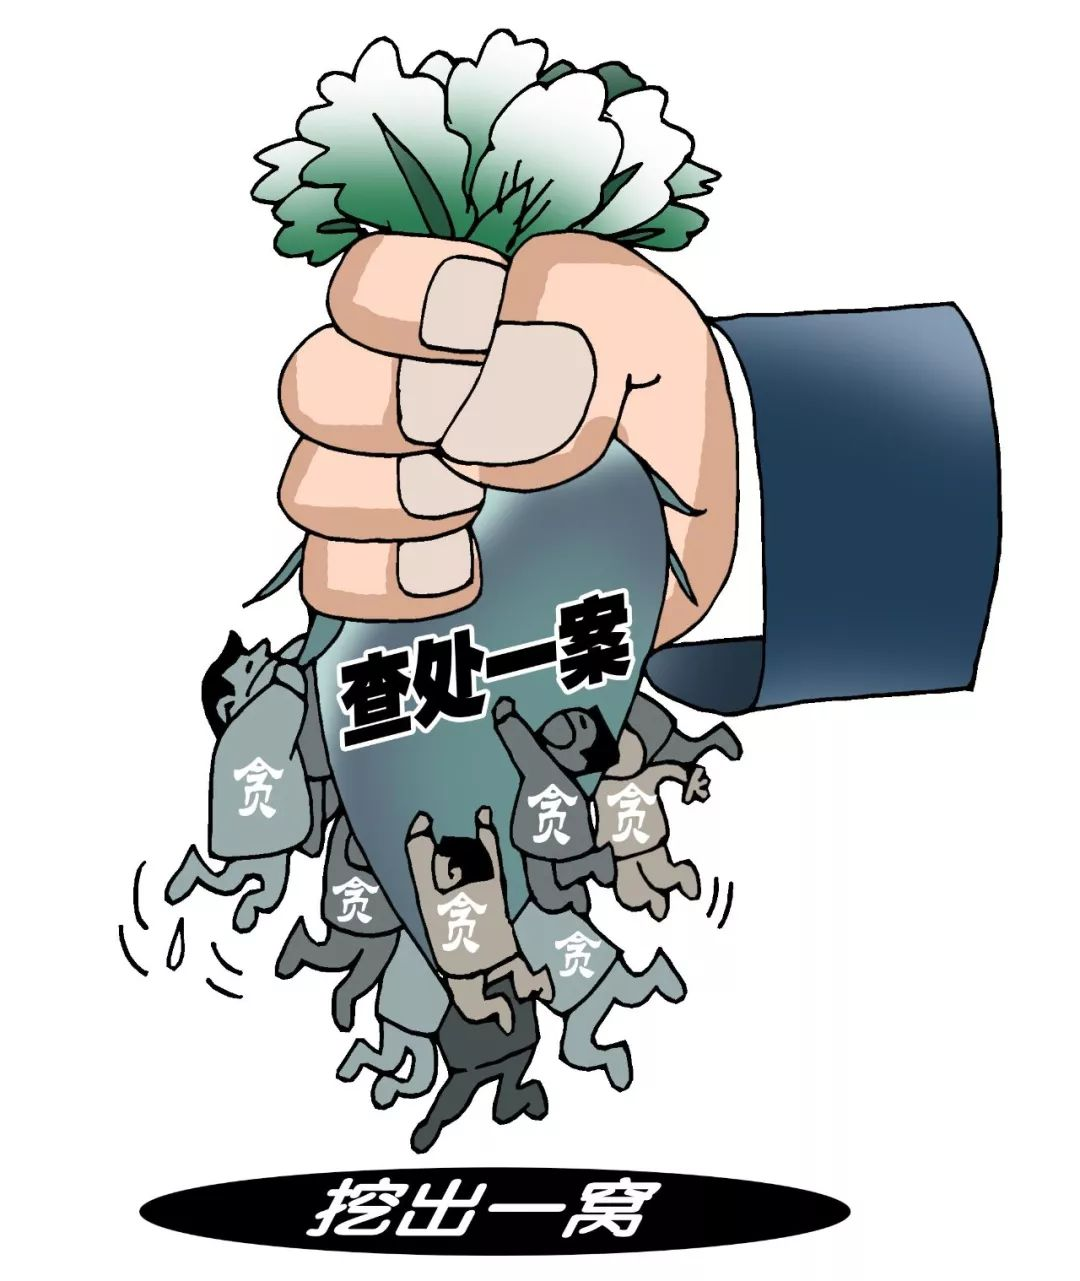 山西又现塌方式腐败 司法系统90余名公职人员栽了